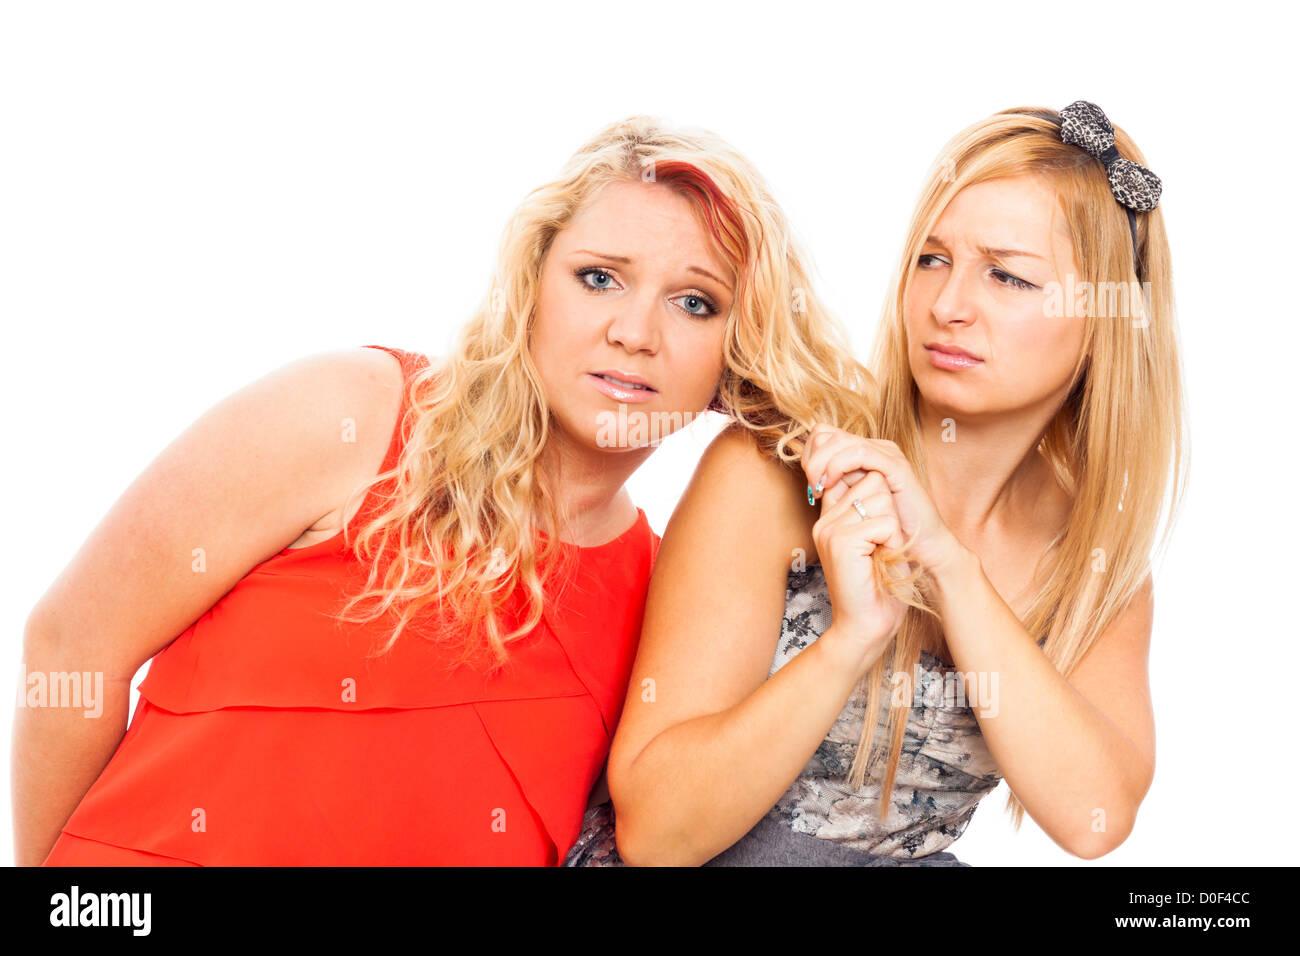 Les femmes violentes et désespérées, relation isolé sur fond blanc. Photo Stock